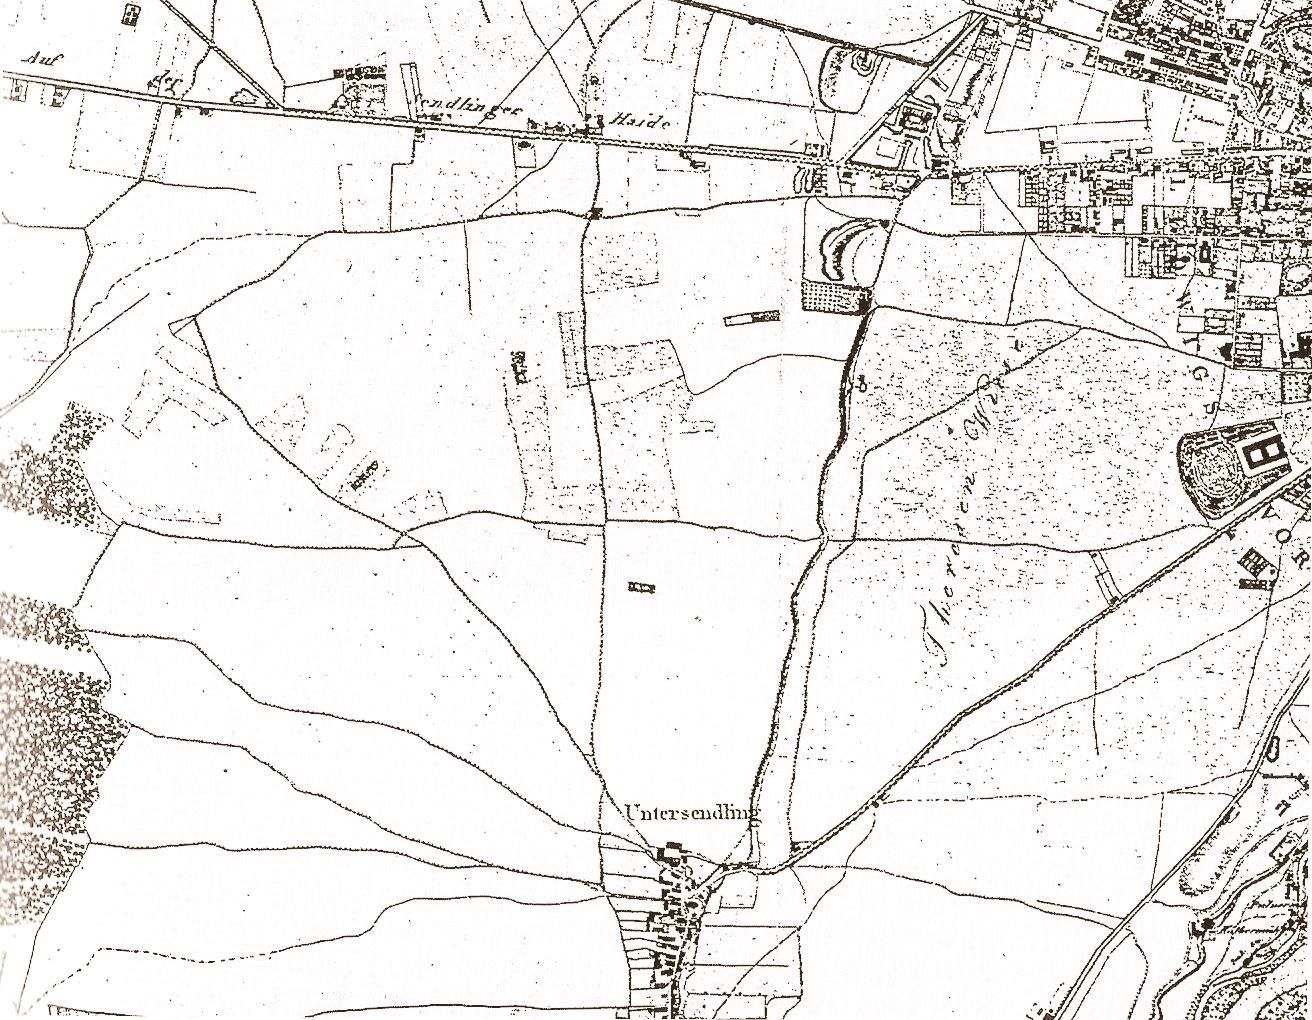 Karte Untersendling Theresienwiese 1812